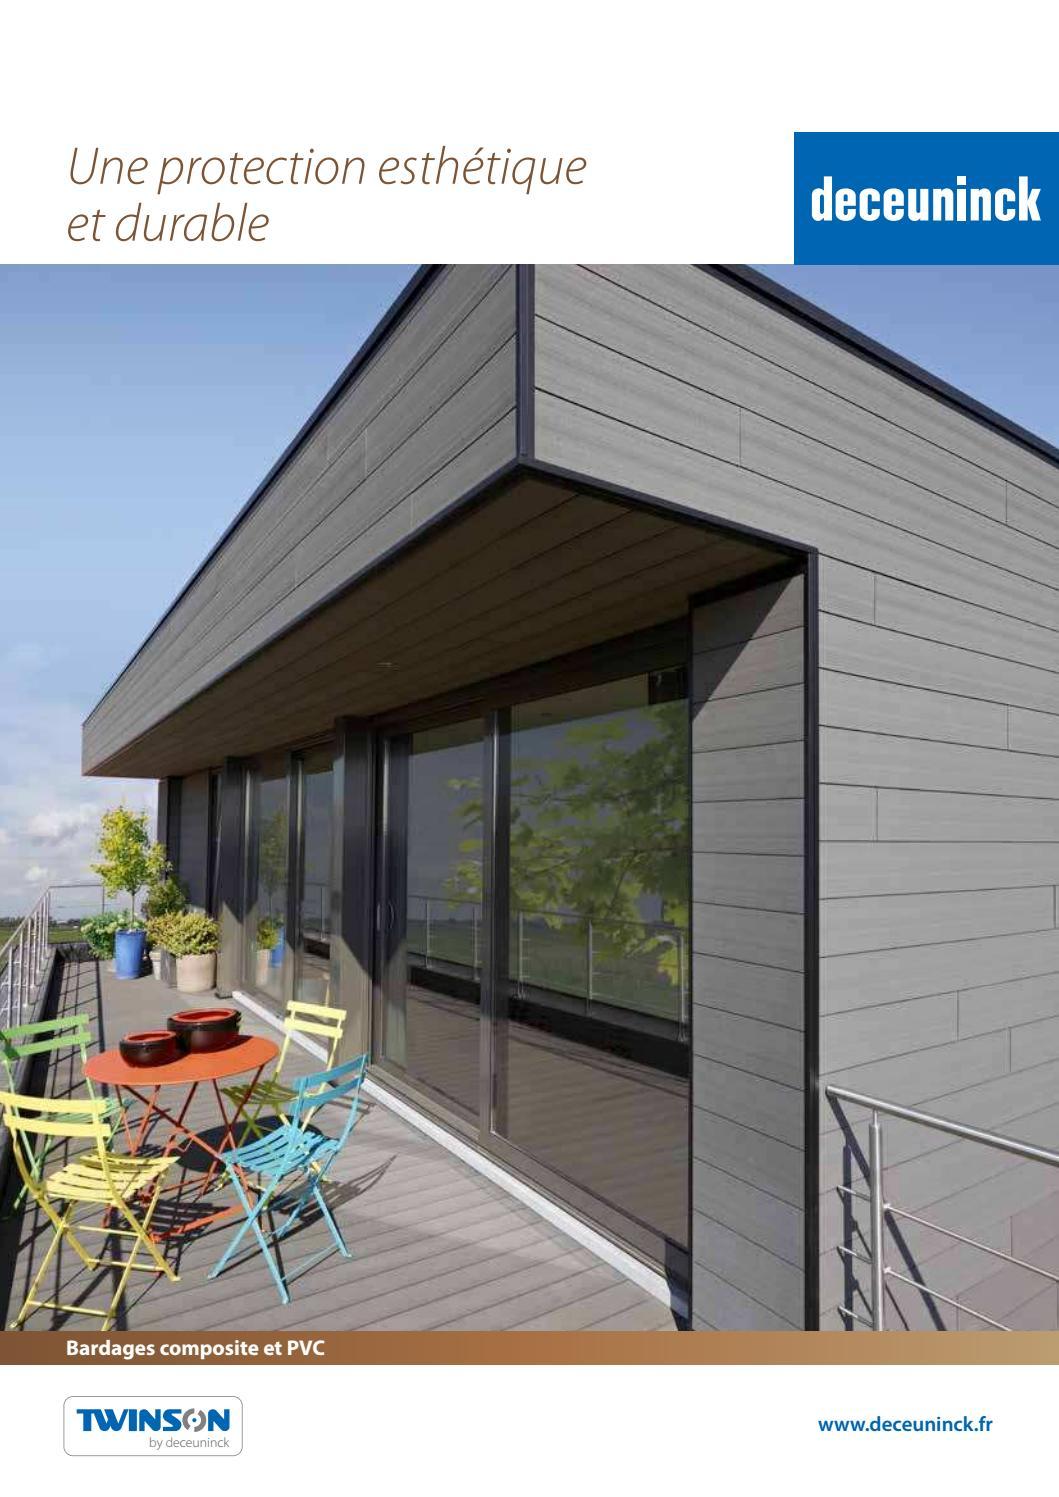 Produit Nettoyage Bardage Pvc brochurebardage36p012016-compressedbigmatfrance - issuu